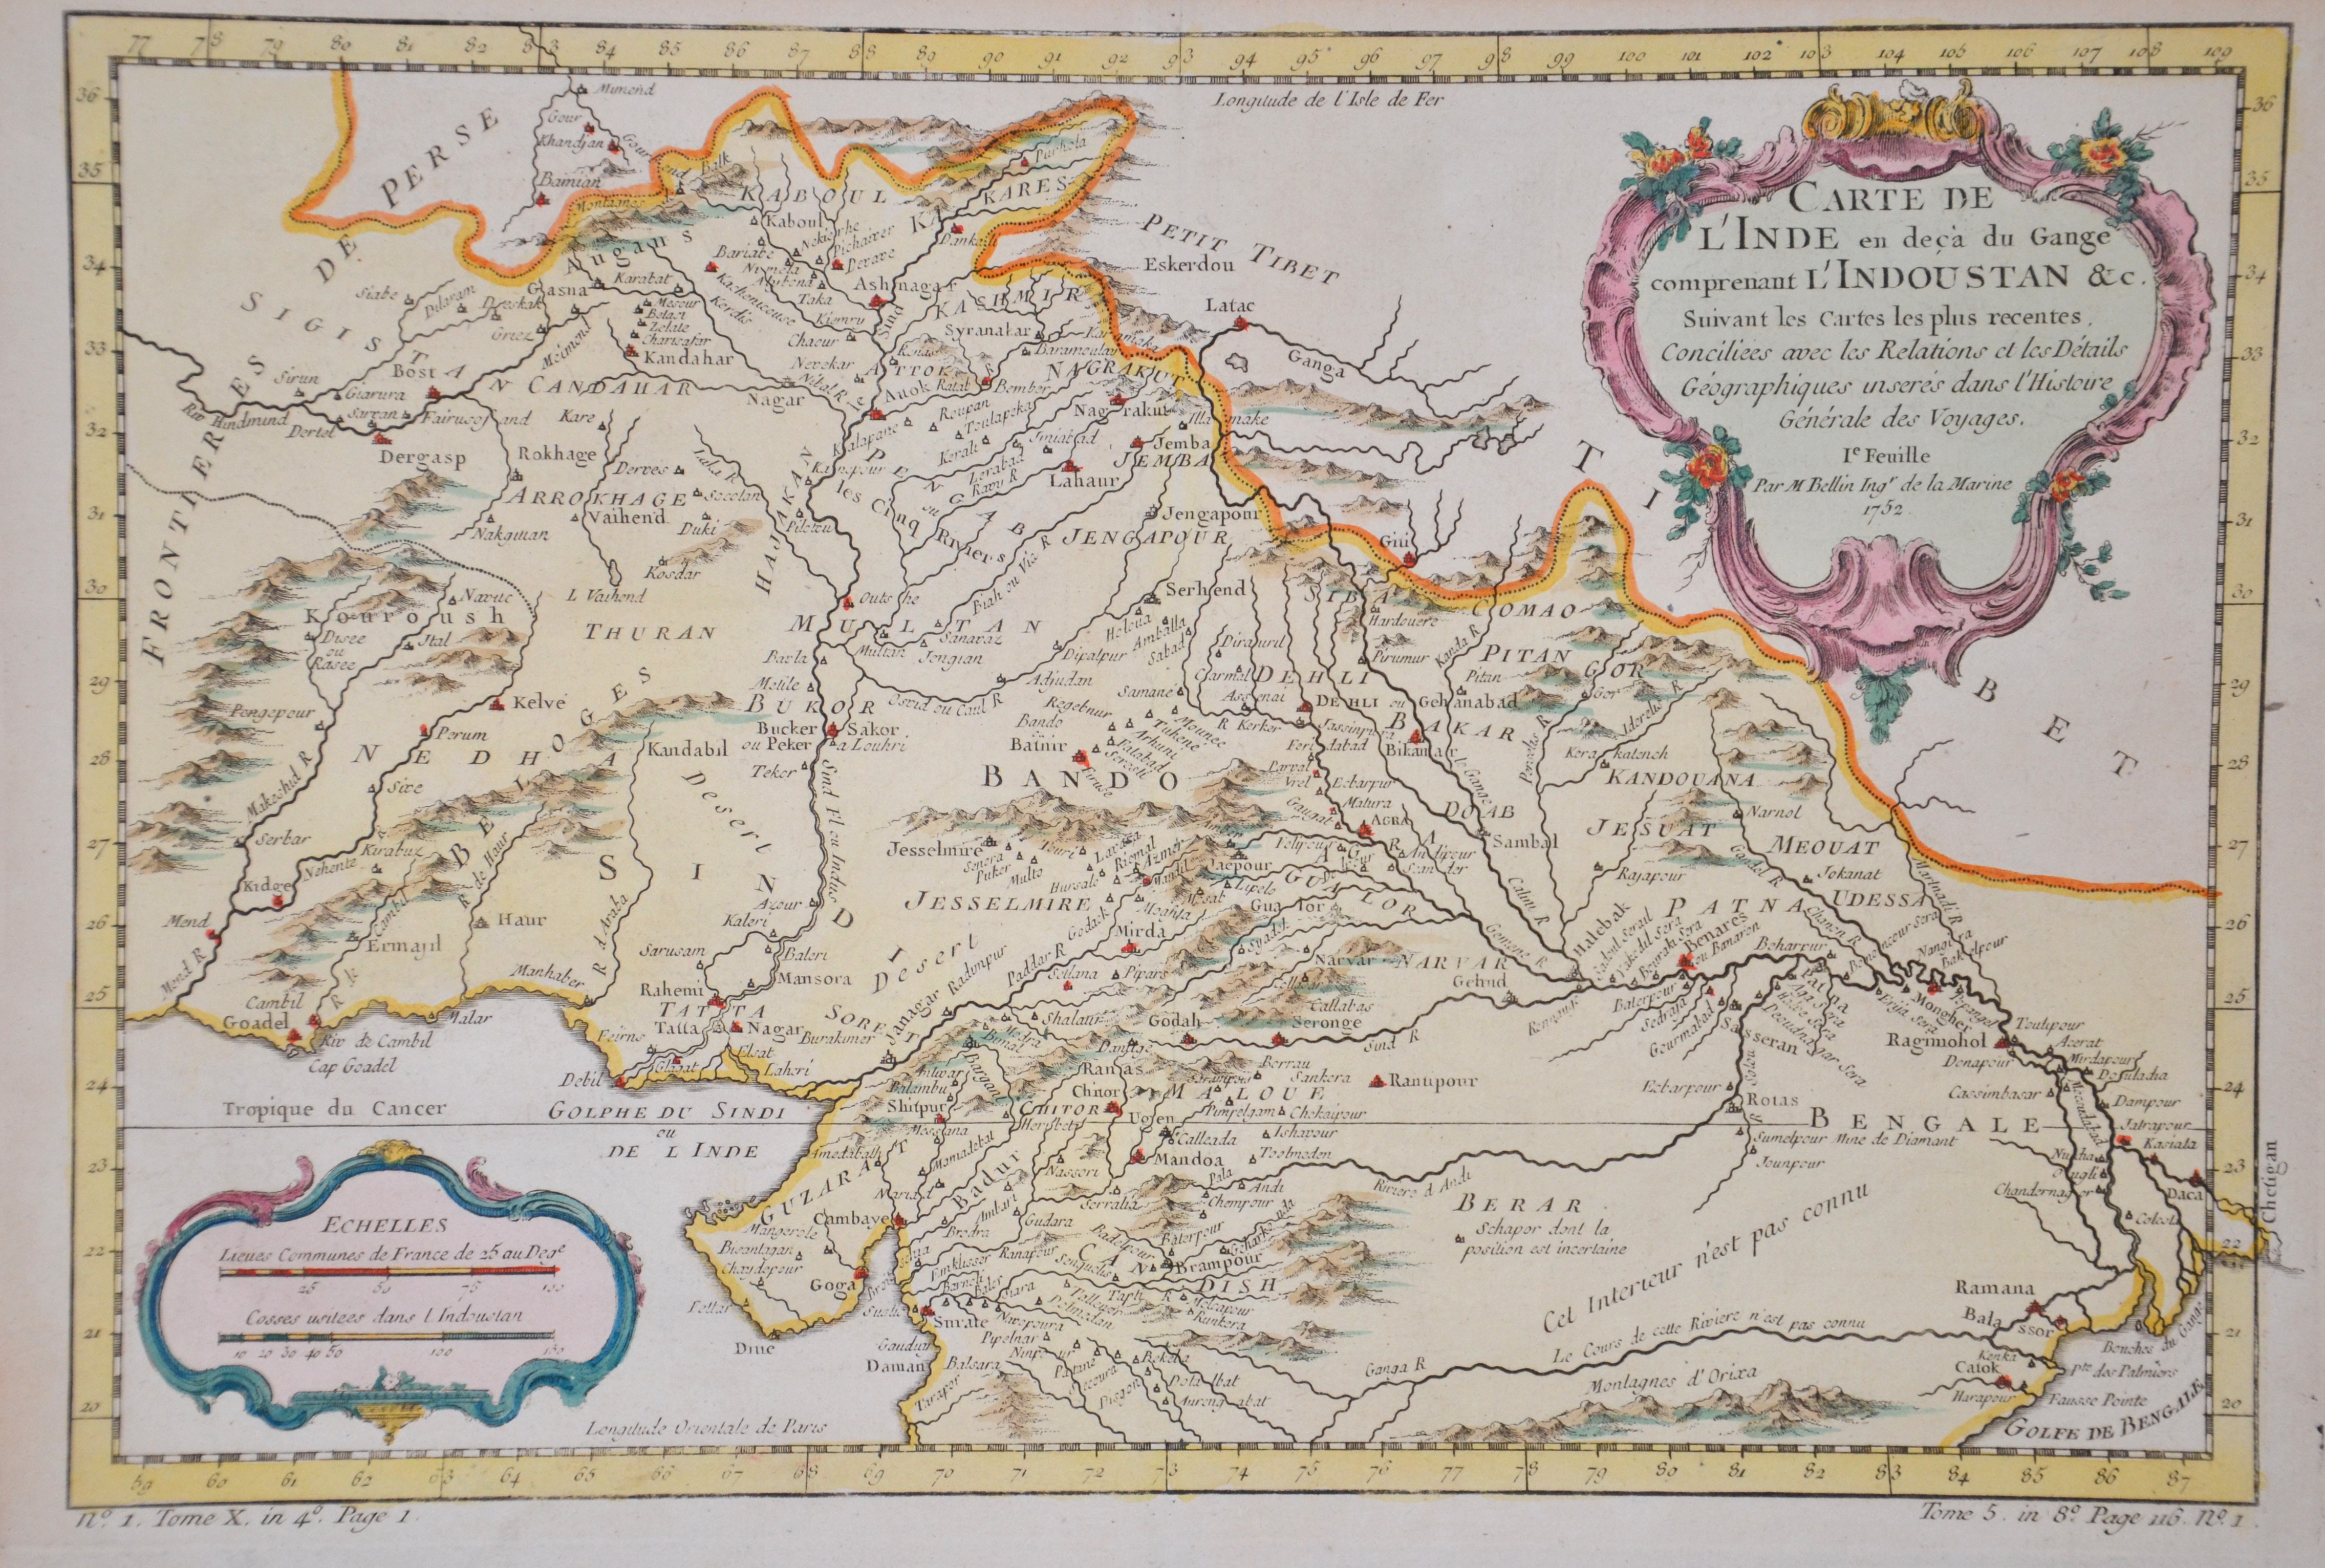 Bellin  Carte de l'Inde en decà du Gange comprenant l'Indoustan & c.